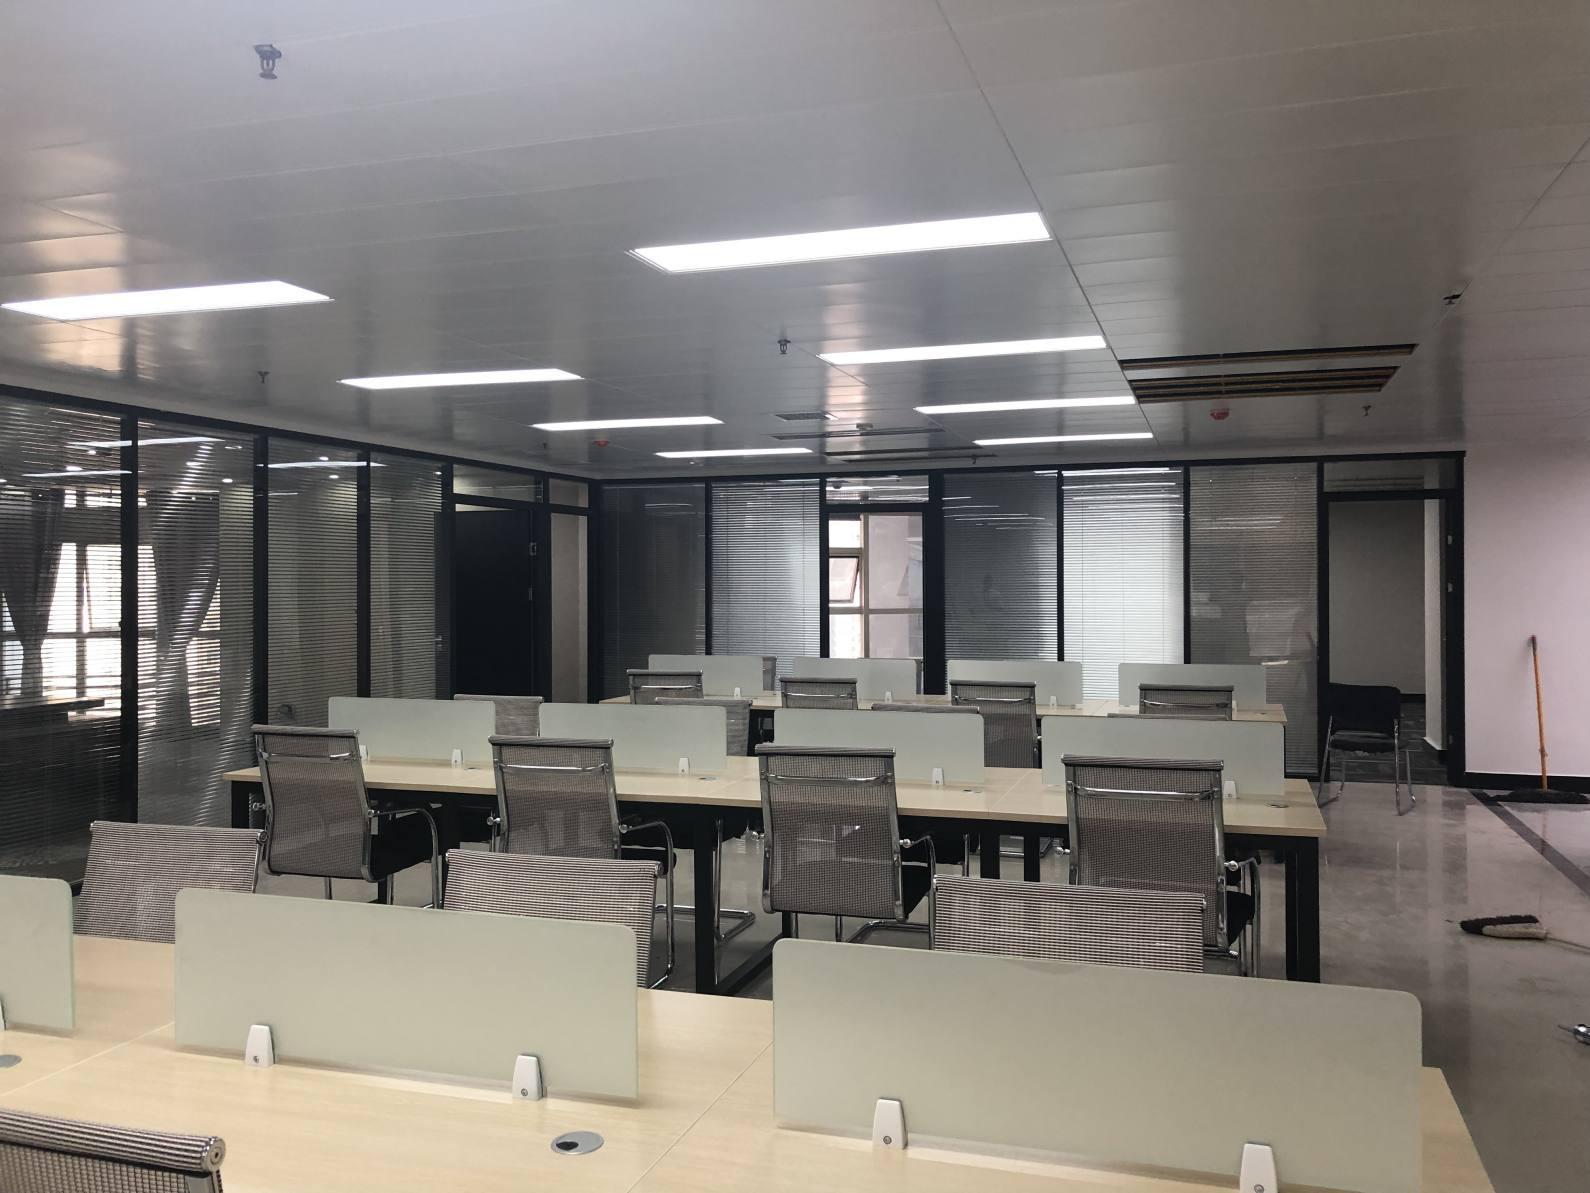 芙蓉广场 双地铁口 24H空调 中隆国际大厦 精装带家具 大厅80人